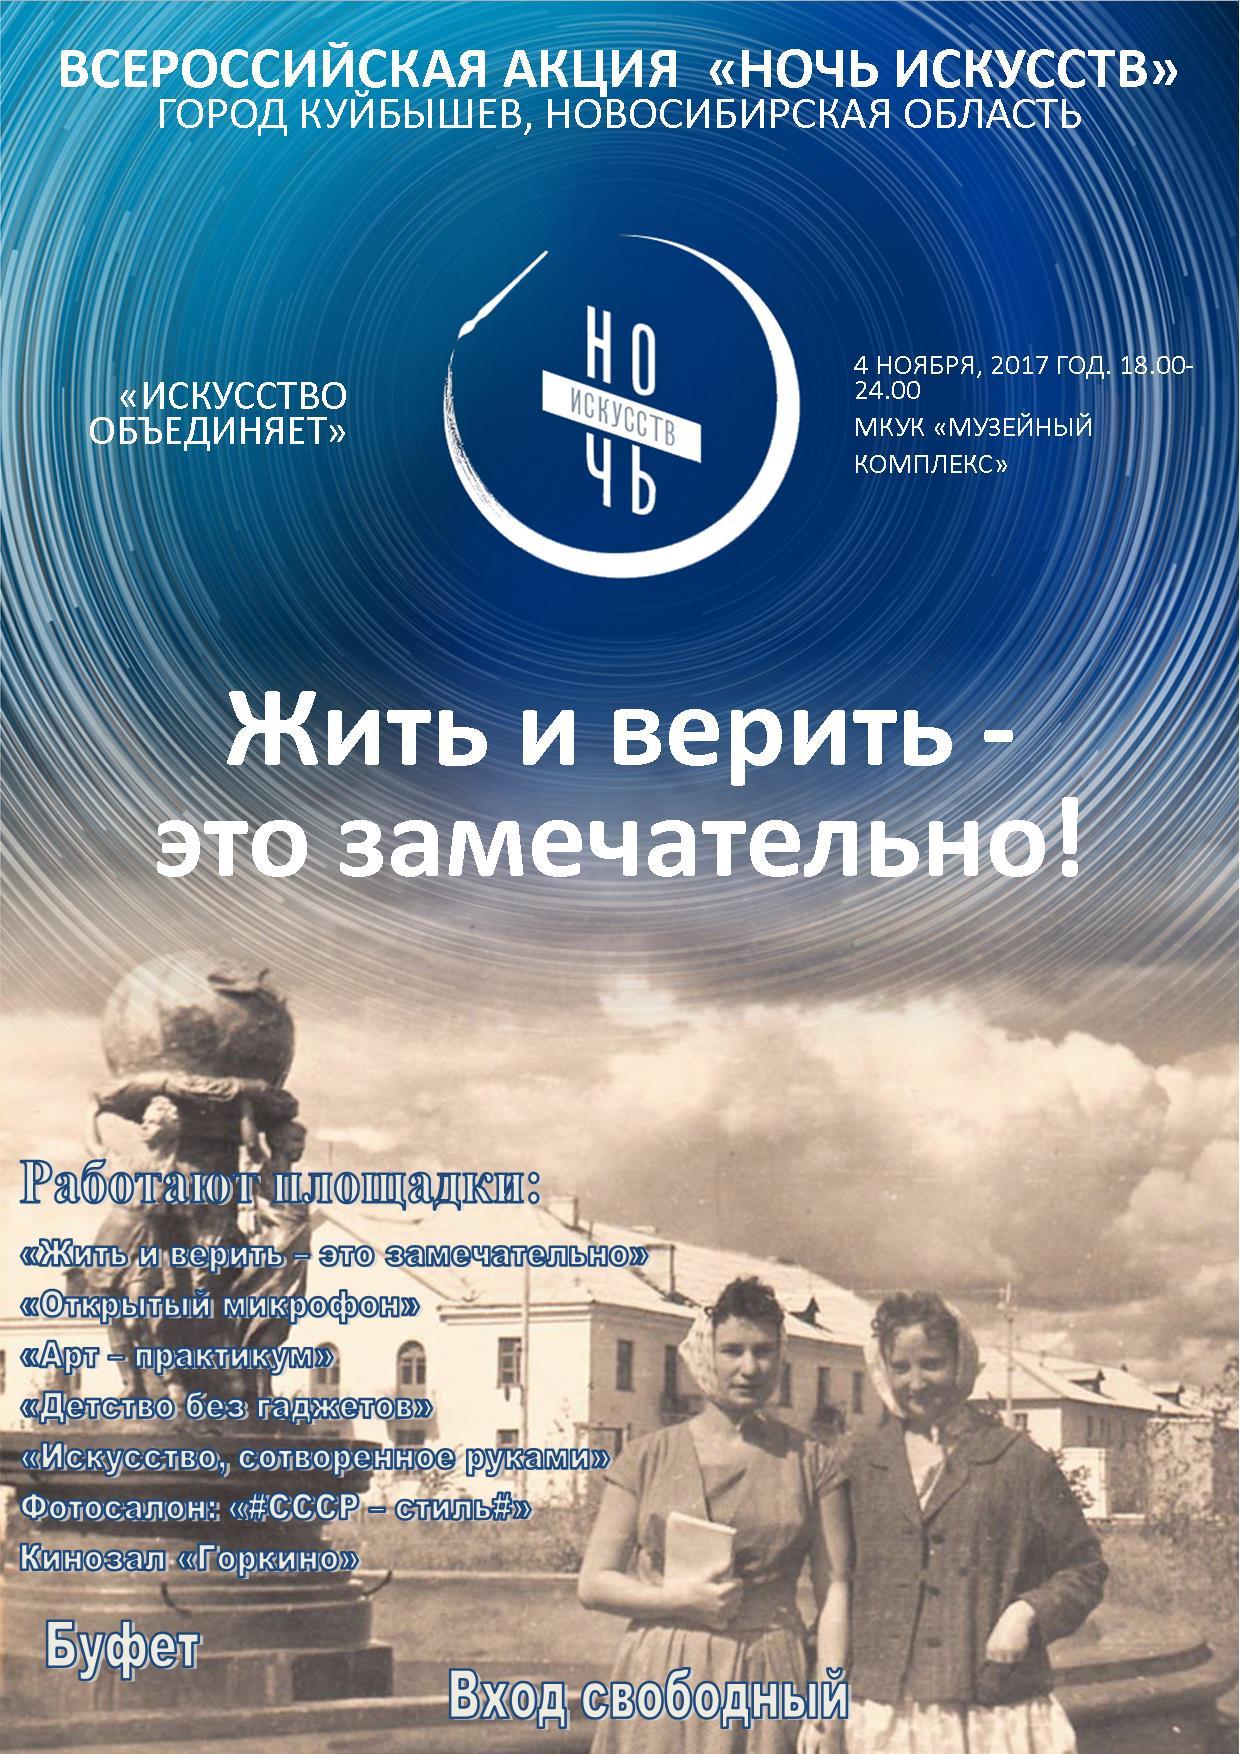 НОЧЬ ИСКУССТВ @ Краеведческий музей